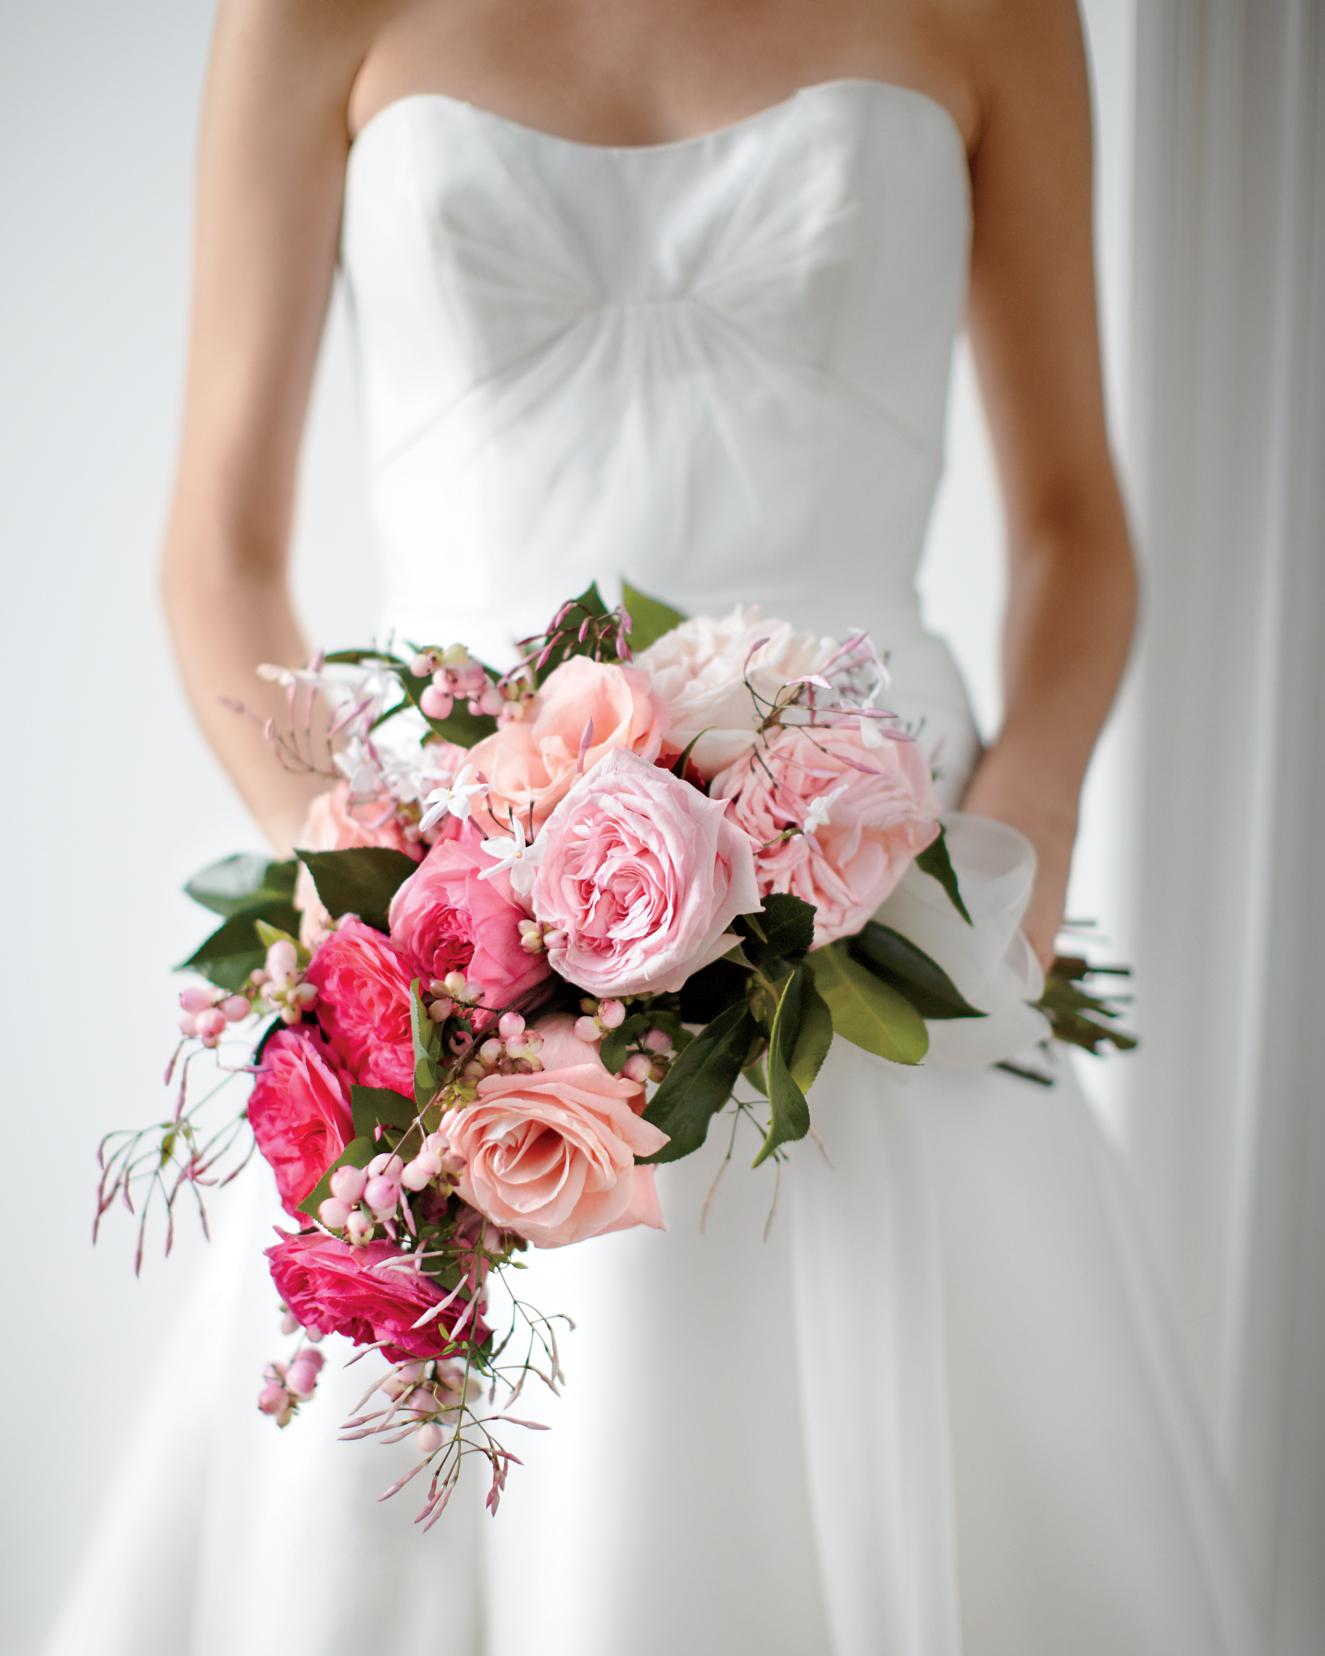 bouquet-shape-mwd107875.jpg